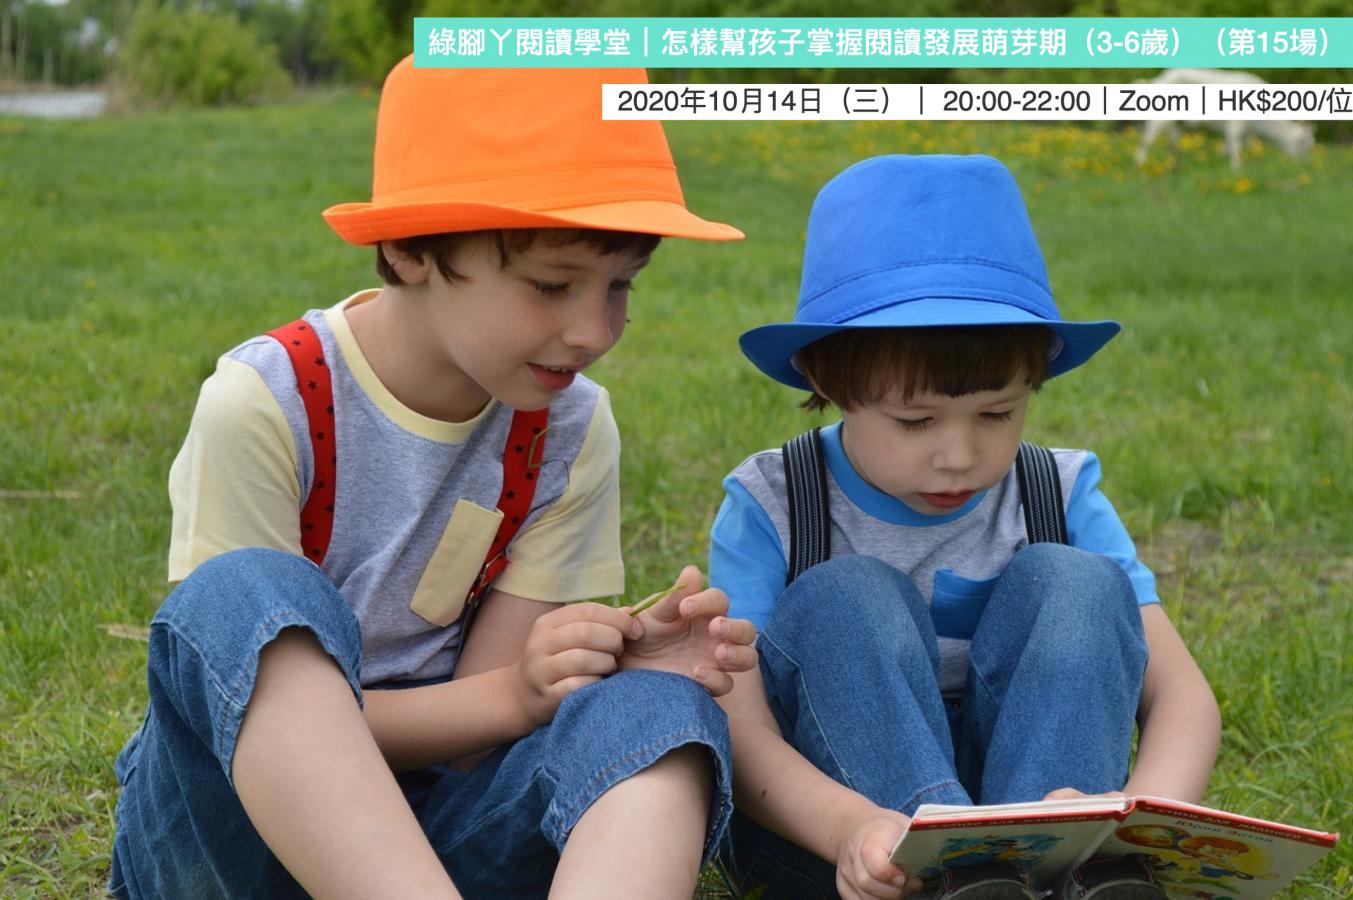 綠腳丫閱讀學堂|怎樣幫孩子掌握閱讀發展萌芽期(3-6歲)(第15場)